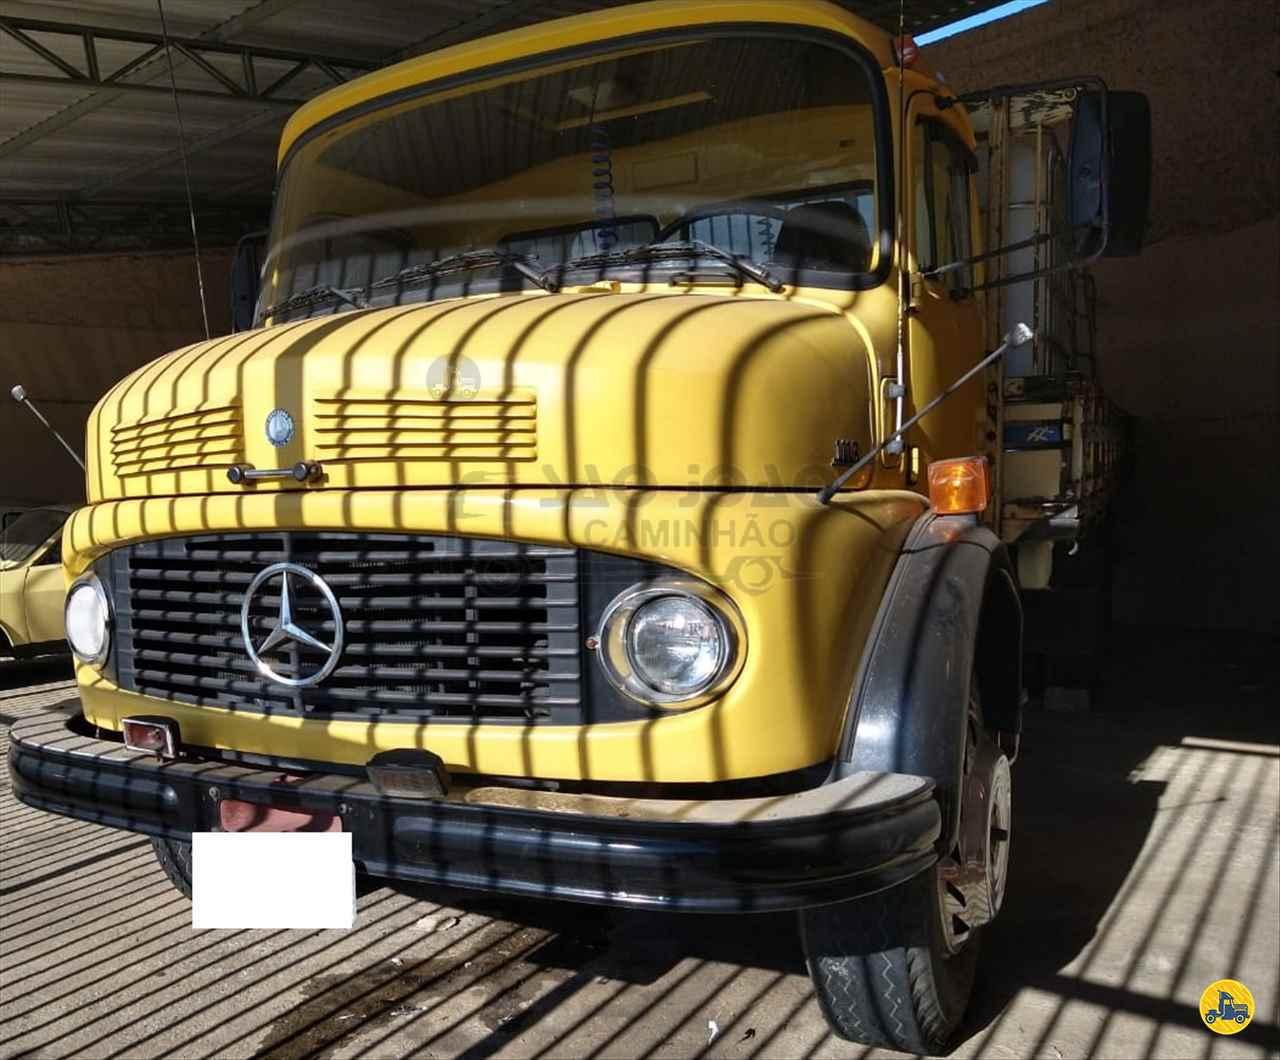 CAMINHAO MERCEDES-BENZ MB 1113 Carga Seca Truck 6x2 São João Caminhão SAO JOAO DA BOA VISTA SÃO PAULO SP